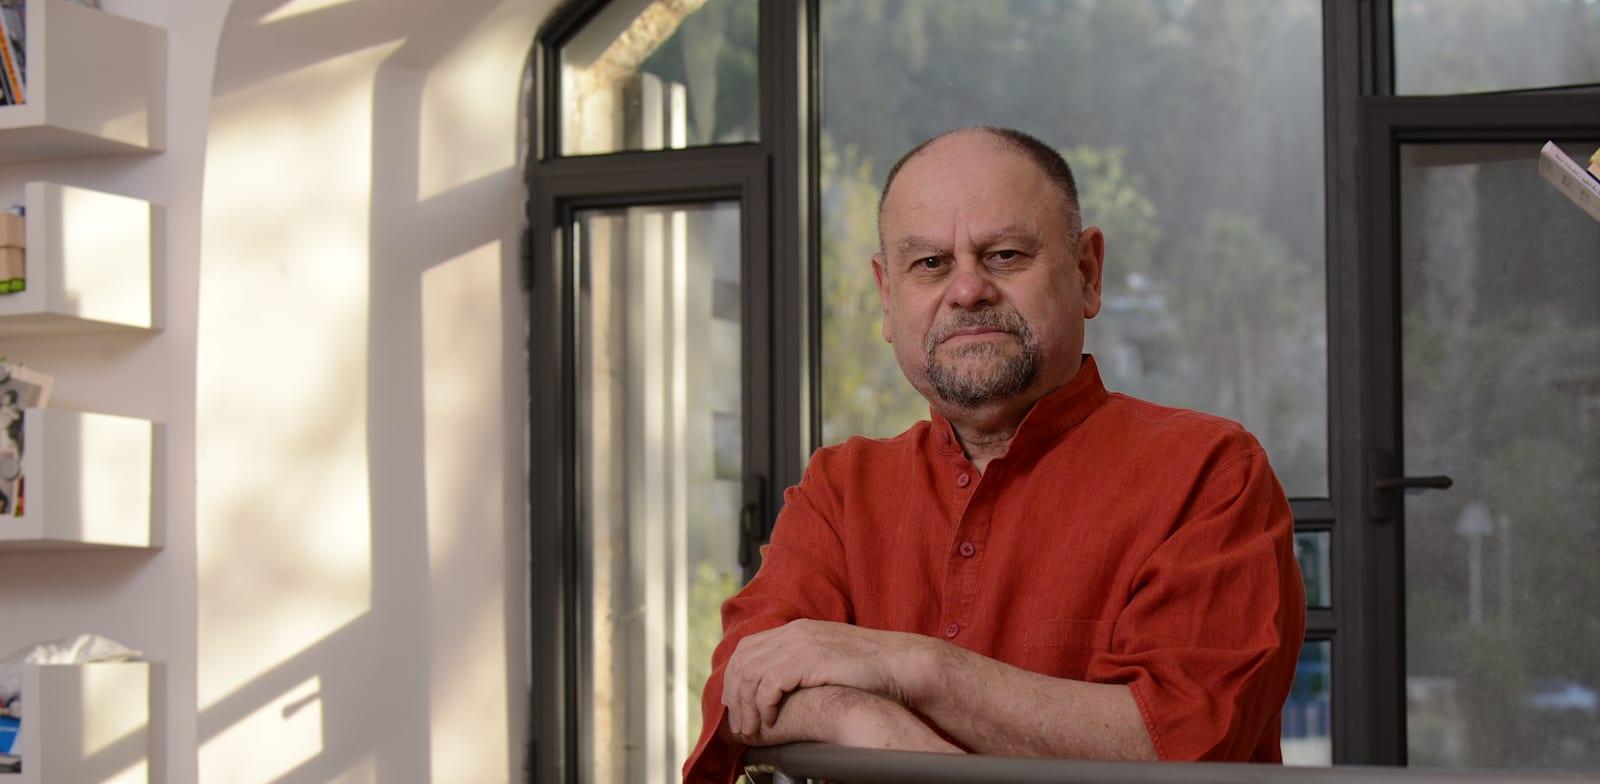 פרופ' דרור מבורך. המדען הראשי של אנלייבקס ומנהל מחלקת קורונה בהדסה / צילום: איל יצהר